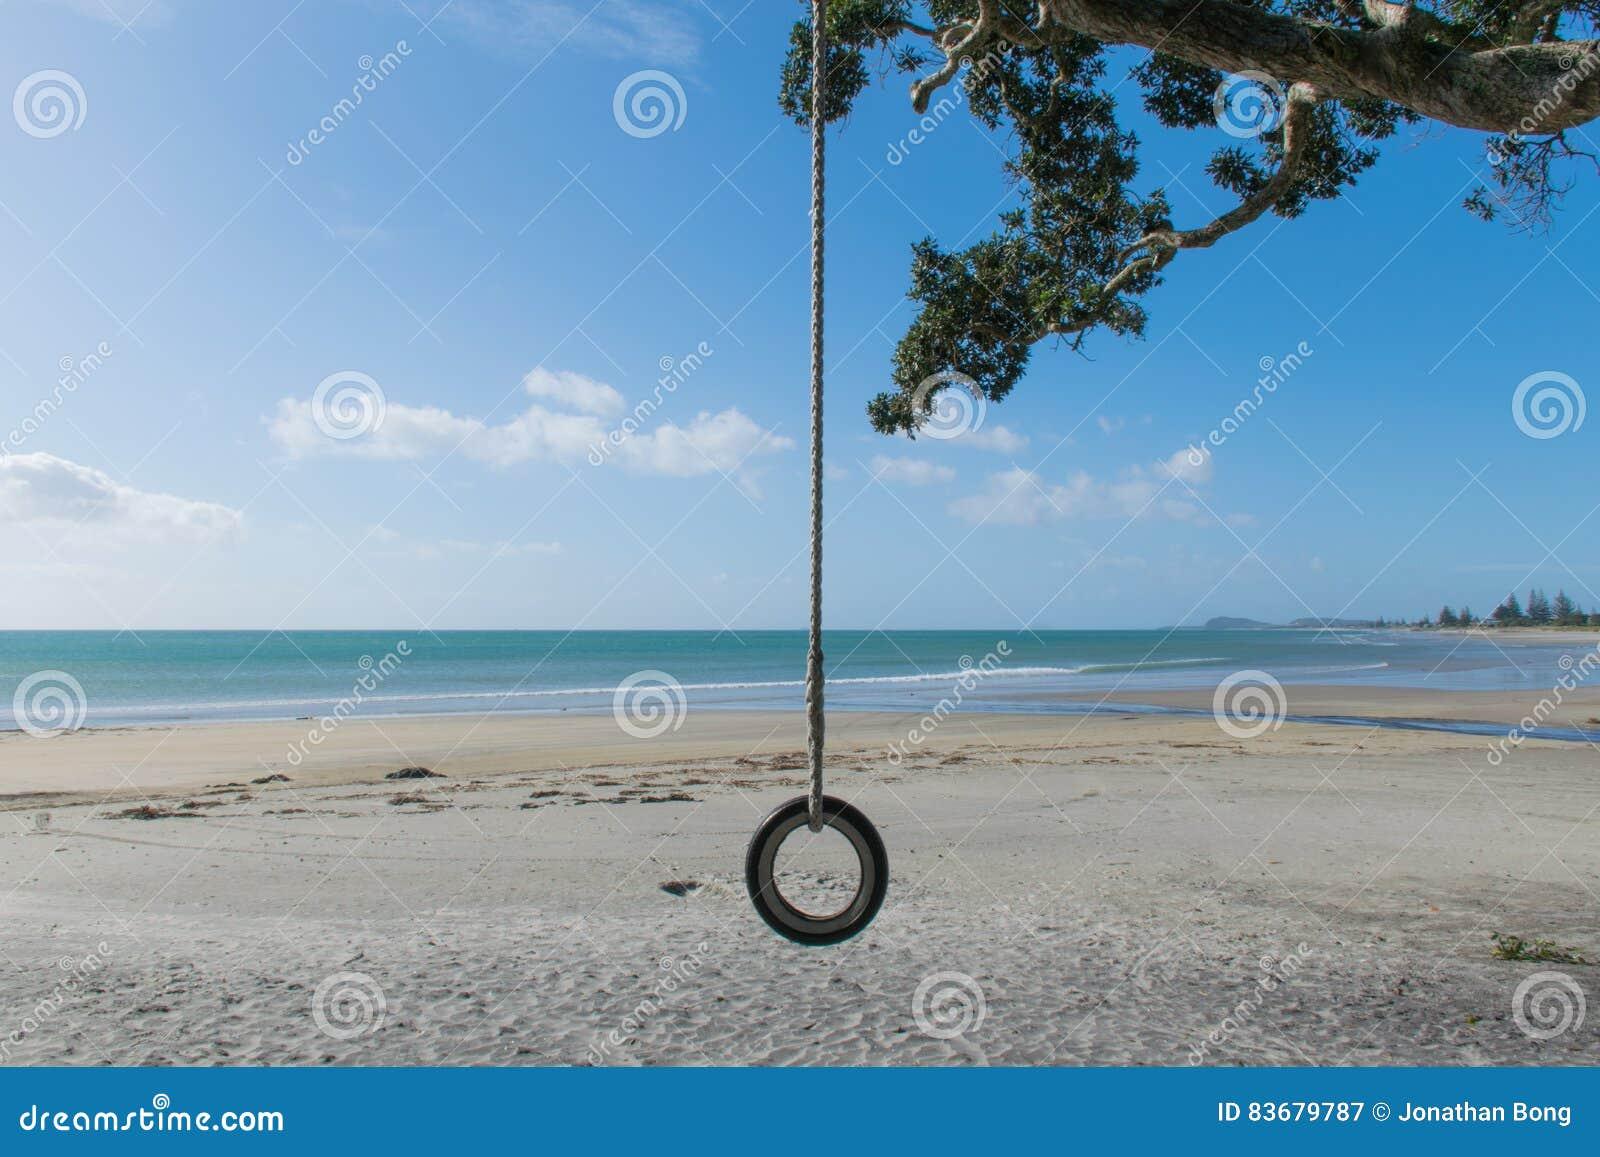 Um balanço da praia em uma praia quieta